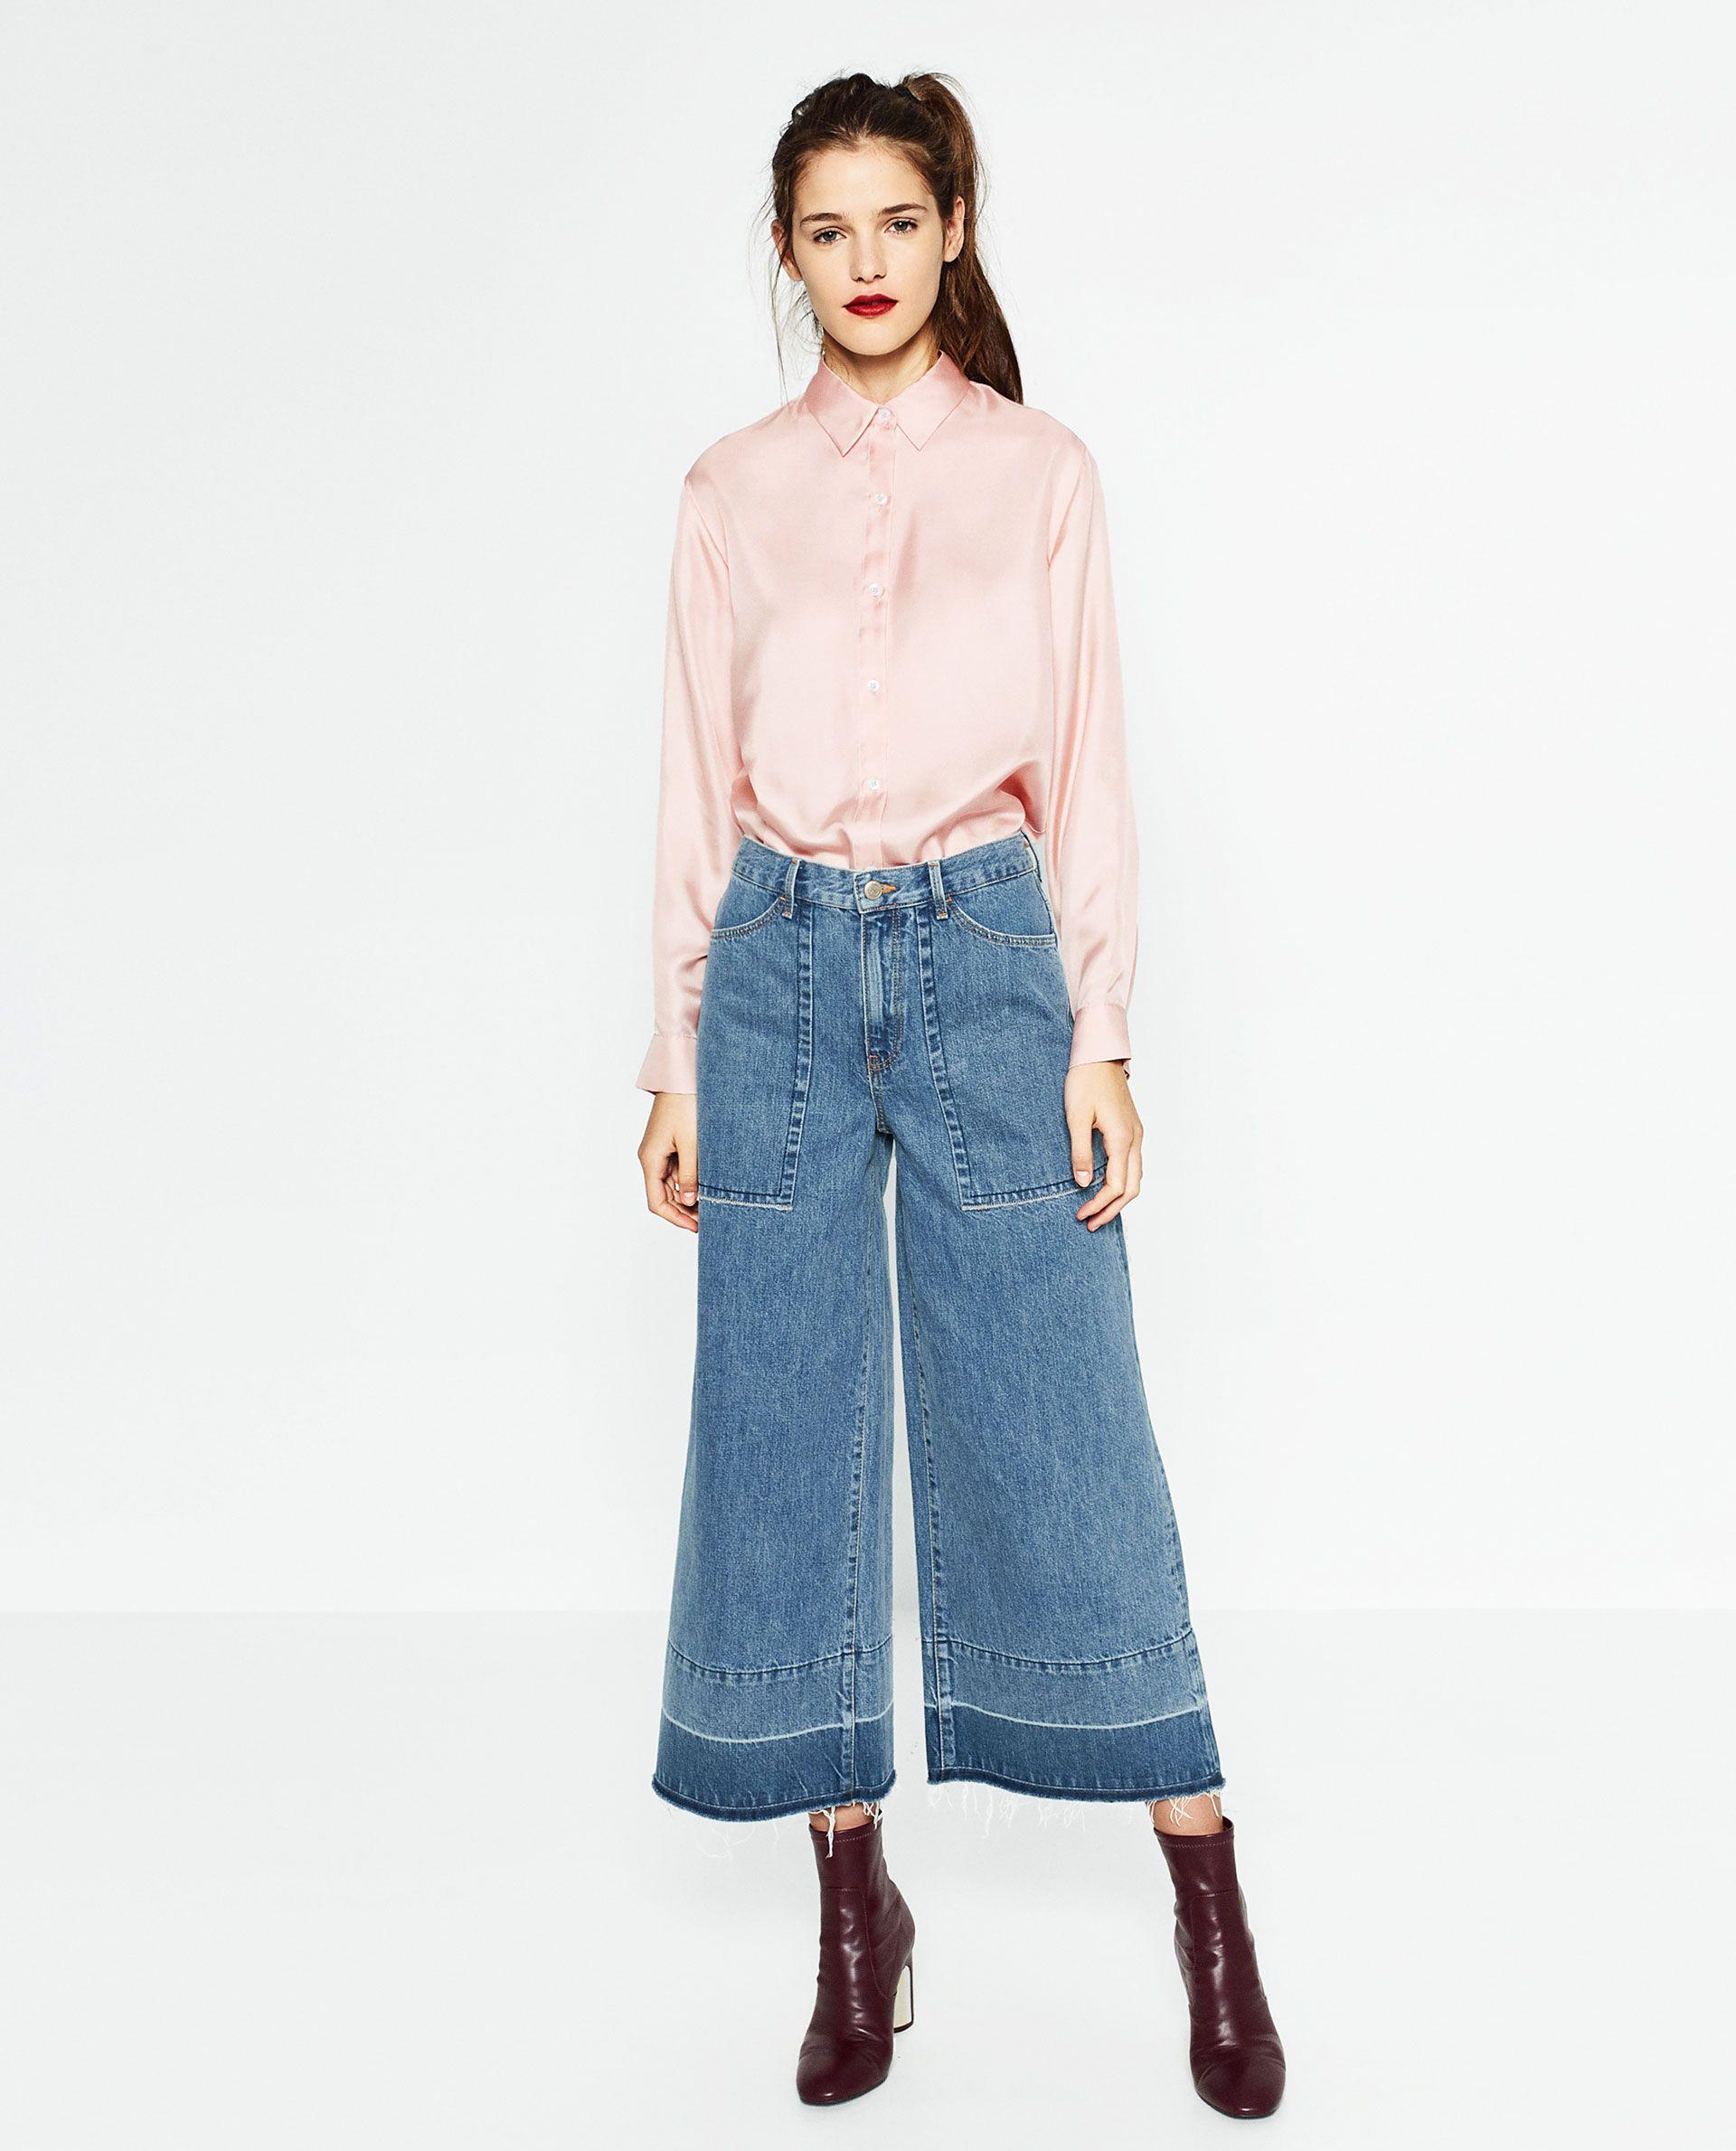 Bershka Vests, Zara Jeans, AMERICAN VINTAGE Tops | Grungy